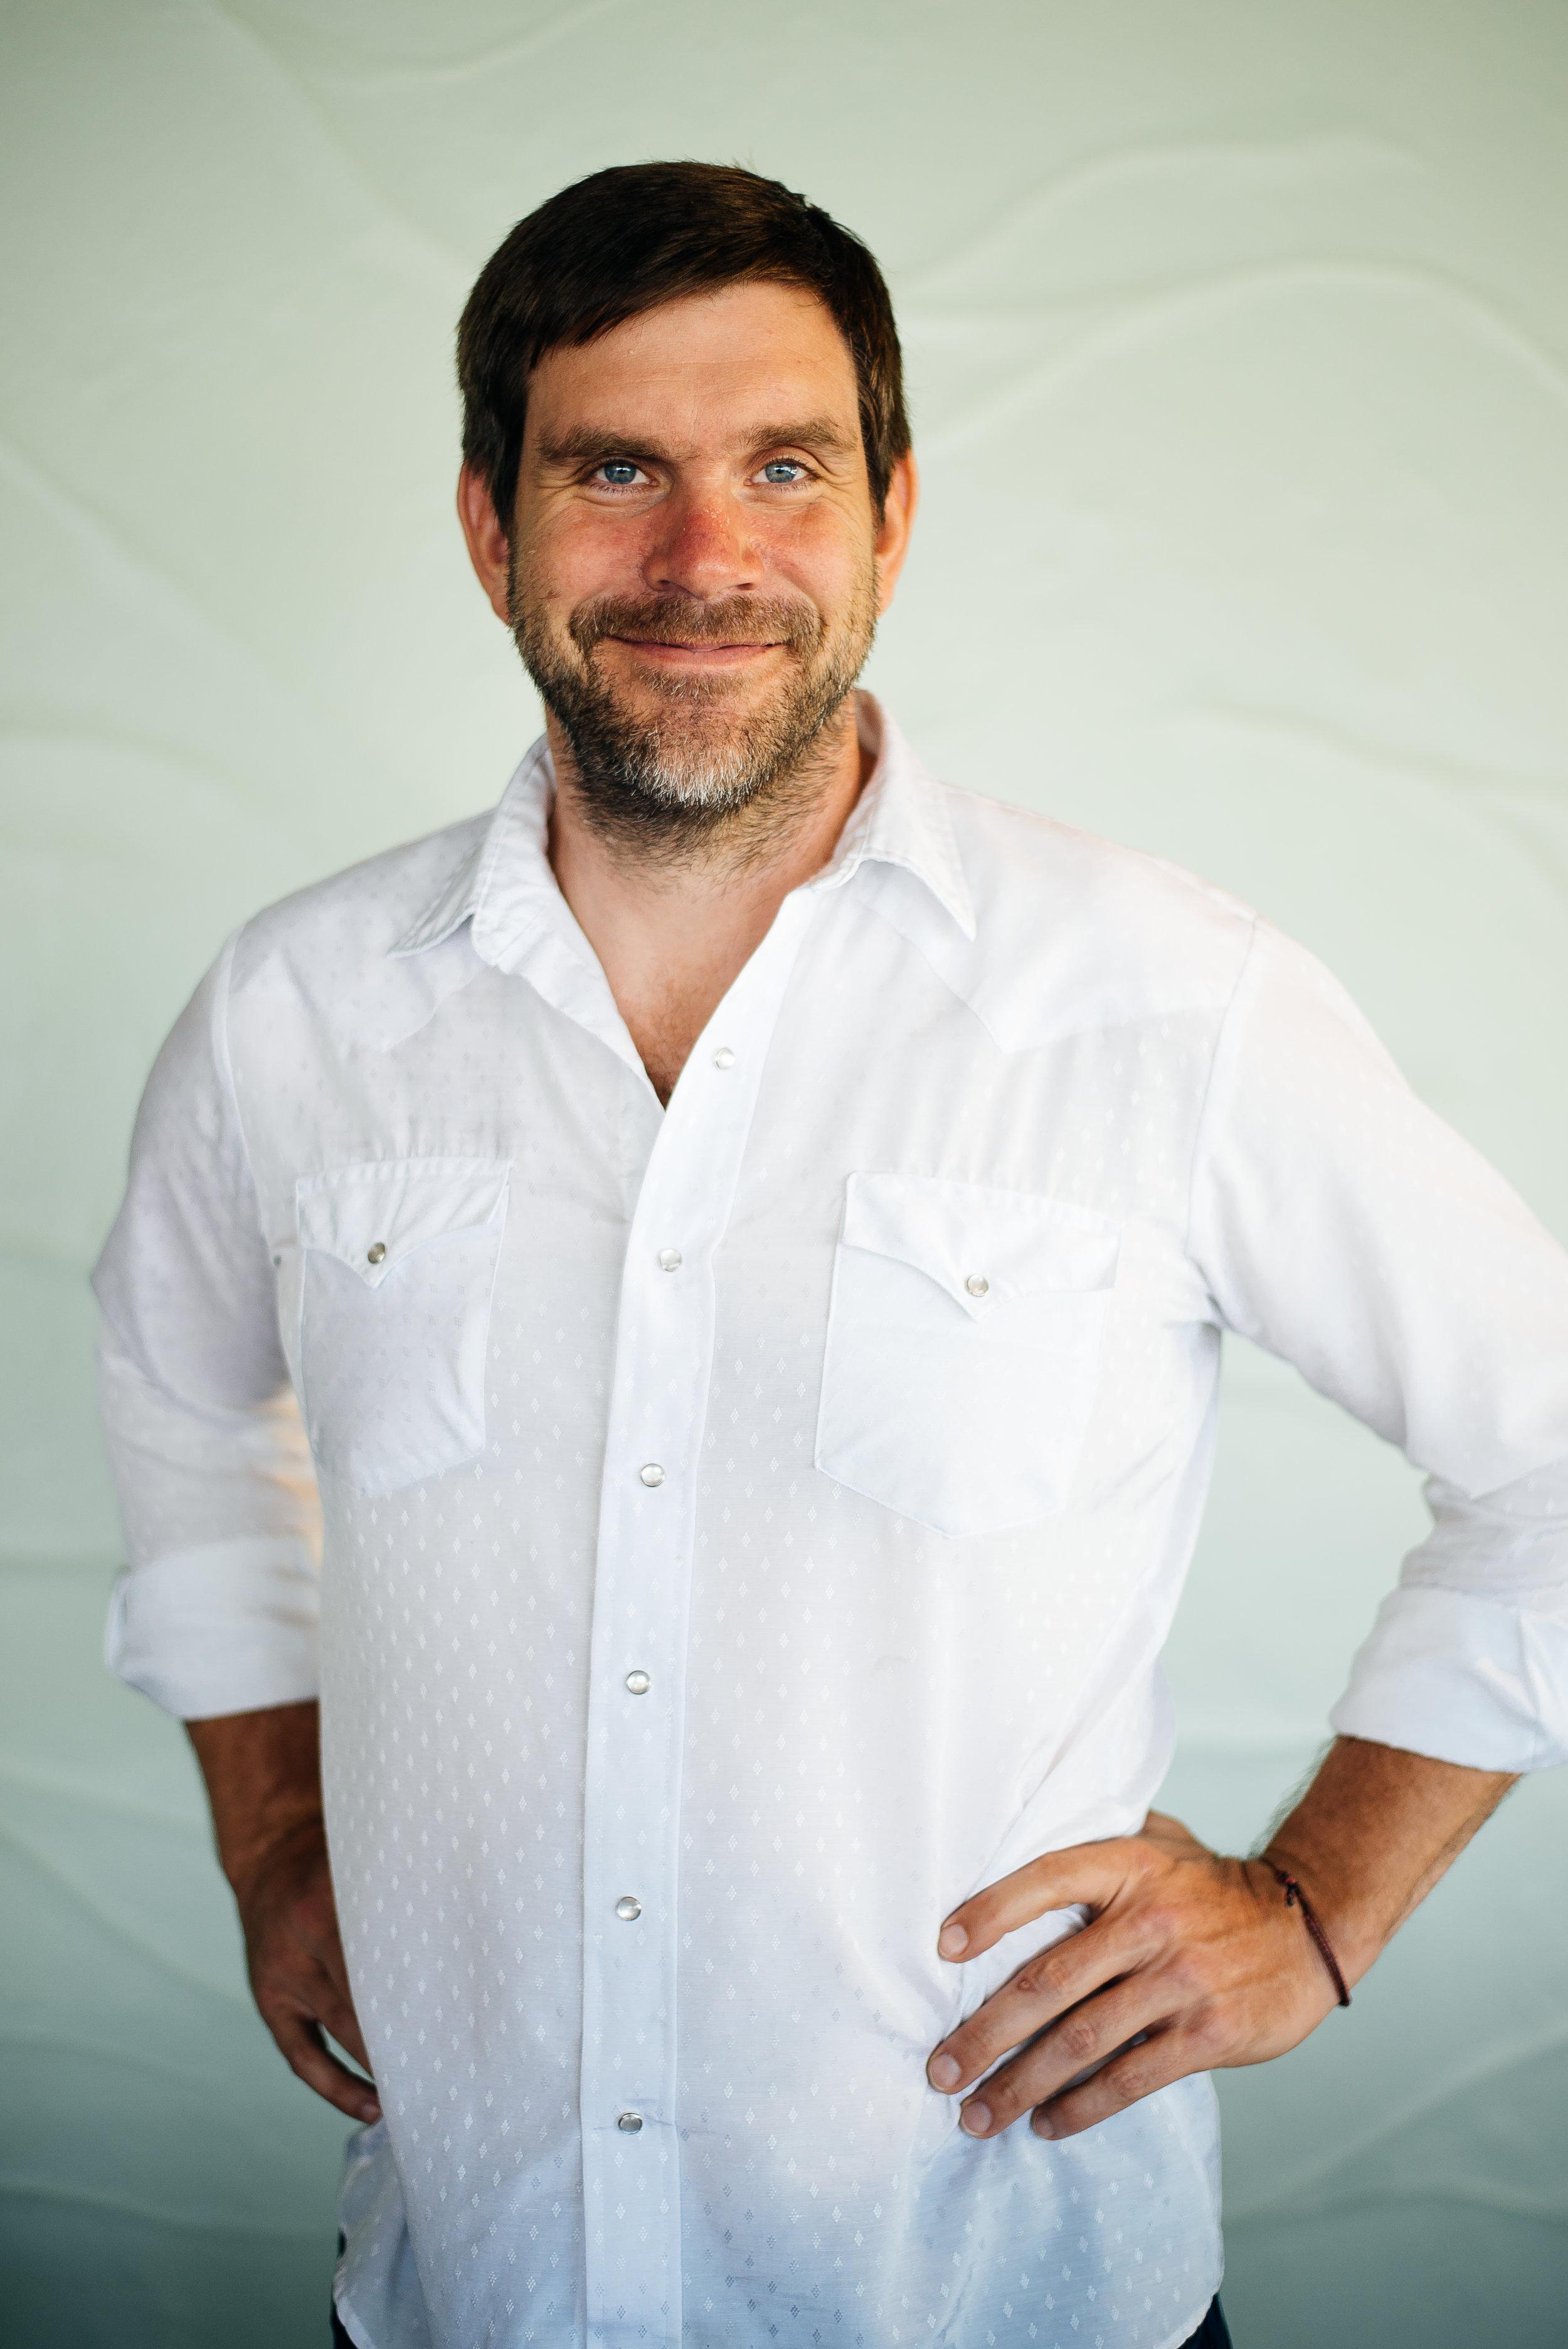 Jason Simon, Owner of Alba Restaurant in Des Moines, IA